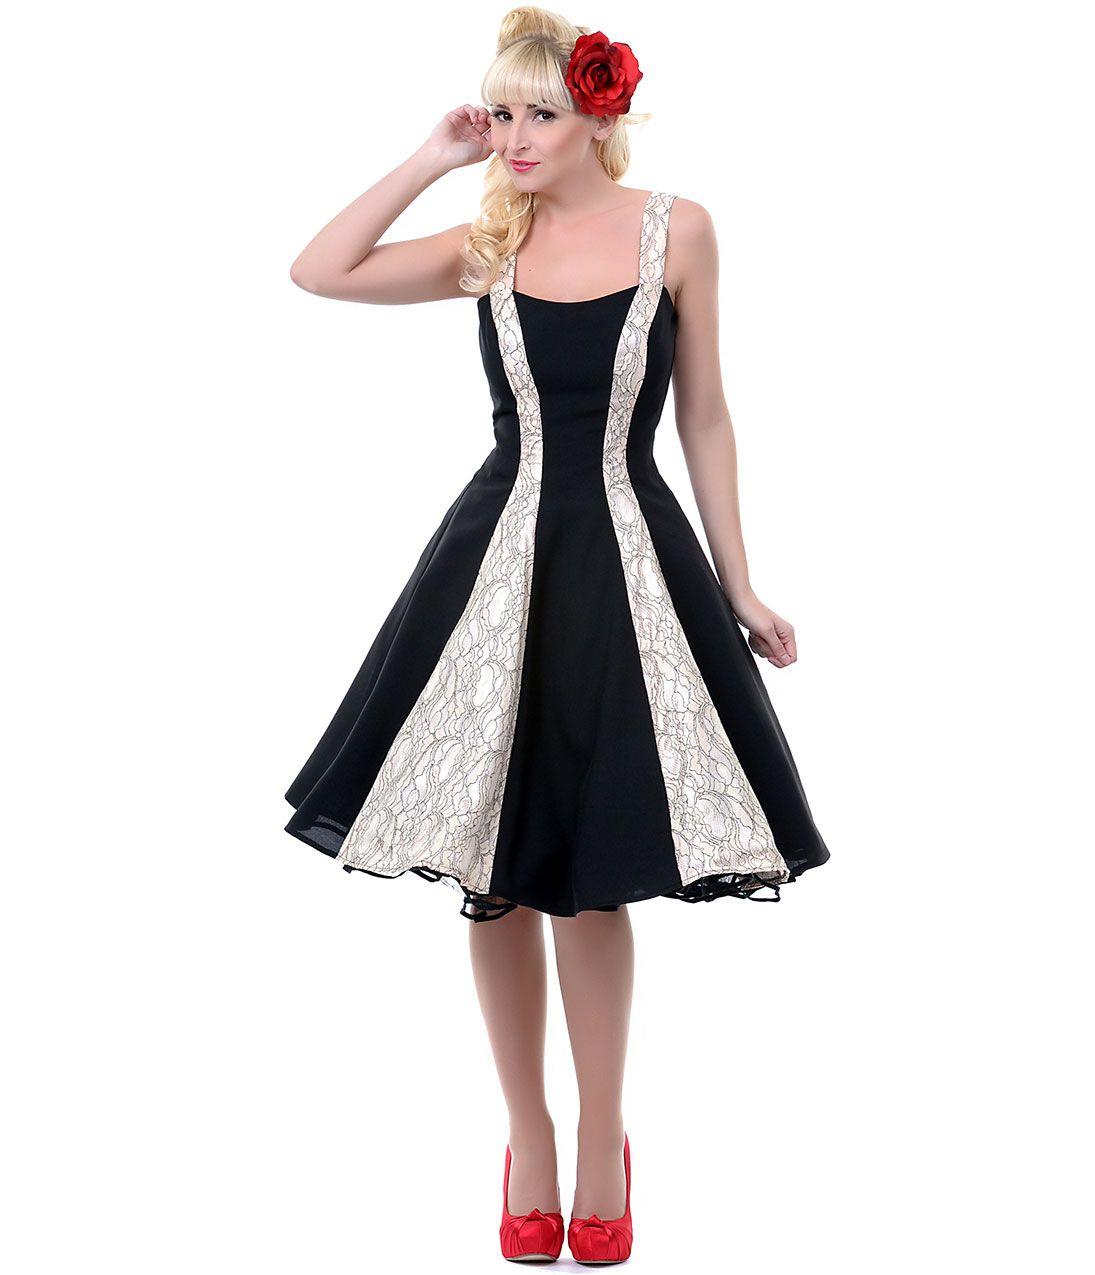 Unique Vintage  Cocktailkleid, Fünfziger jahre mode, Vintage kleider